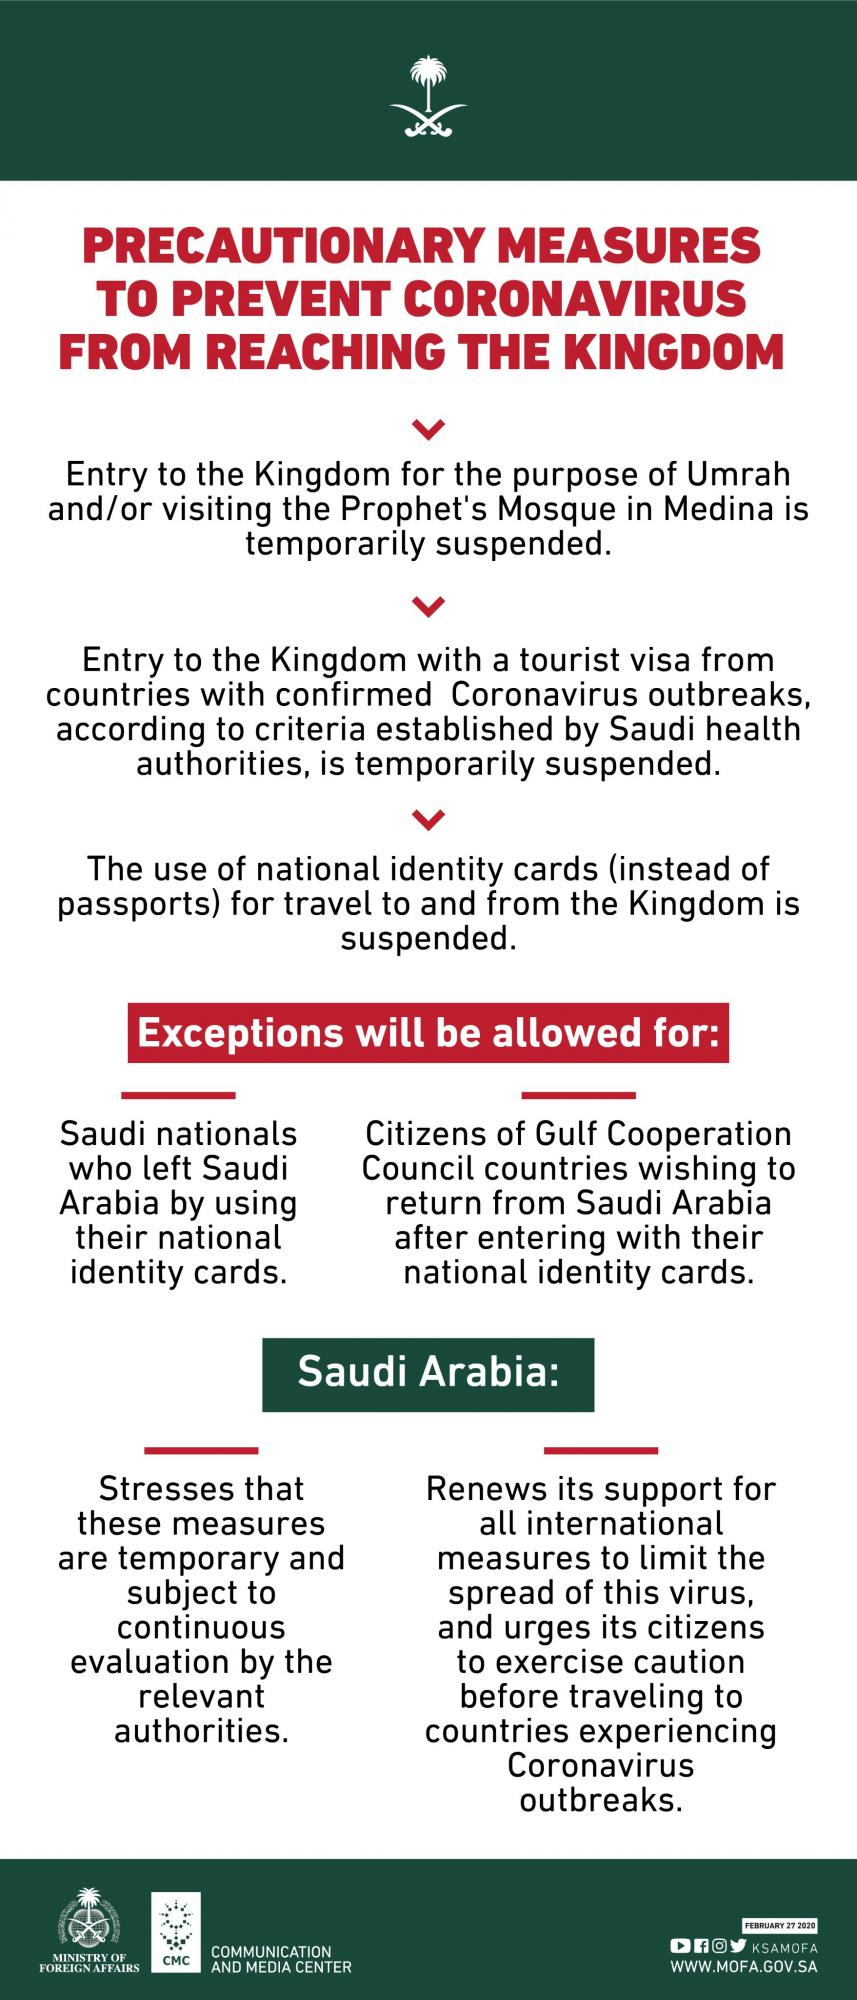 Саудовская Аравия впервые полностью закрыла Мекку и Медину для иностранцев